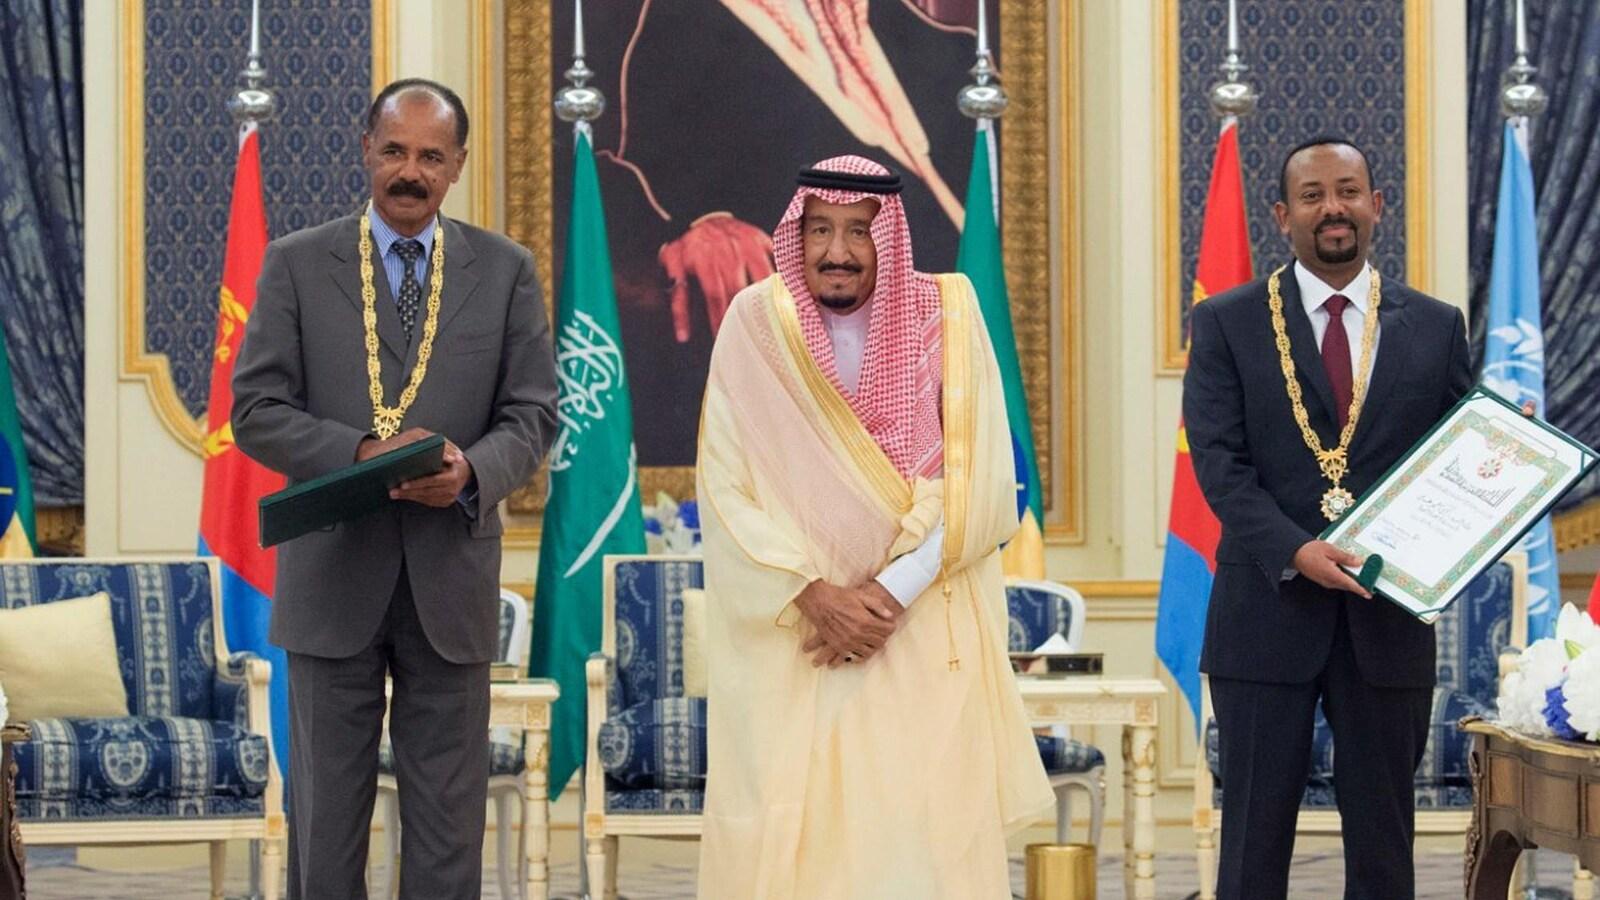 Le président érythréen Issaias Afeworki et le premier ministre éthiopien, le réformateur Abiy Ahmed et au milieu, le roi Salmane d'Arabie saoudite.